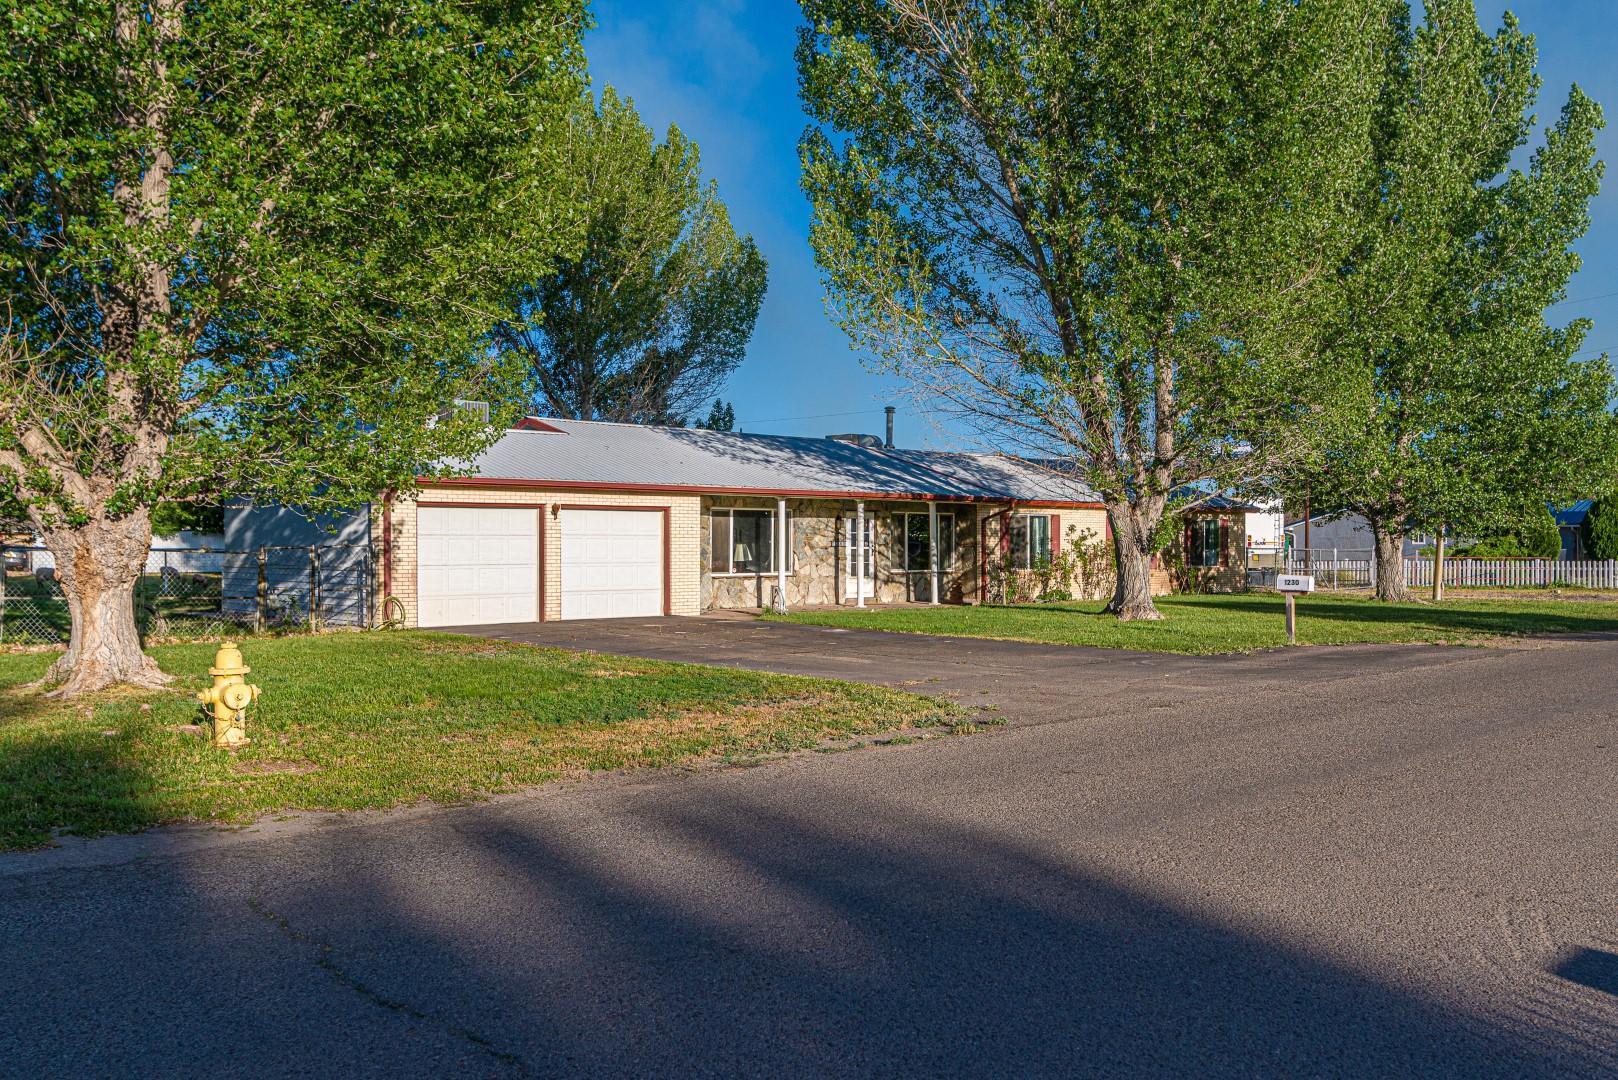 1230 CALLE DEL ORO, Bosque Farms, NM 87068 - Bosque Farms, NM real estate listing